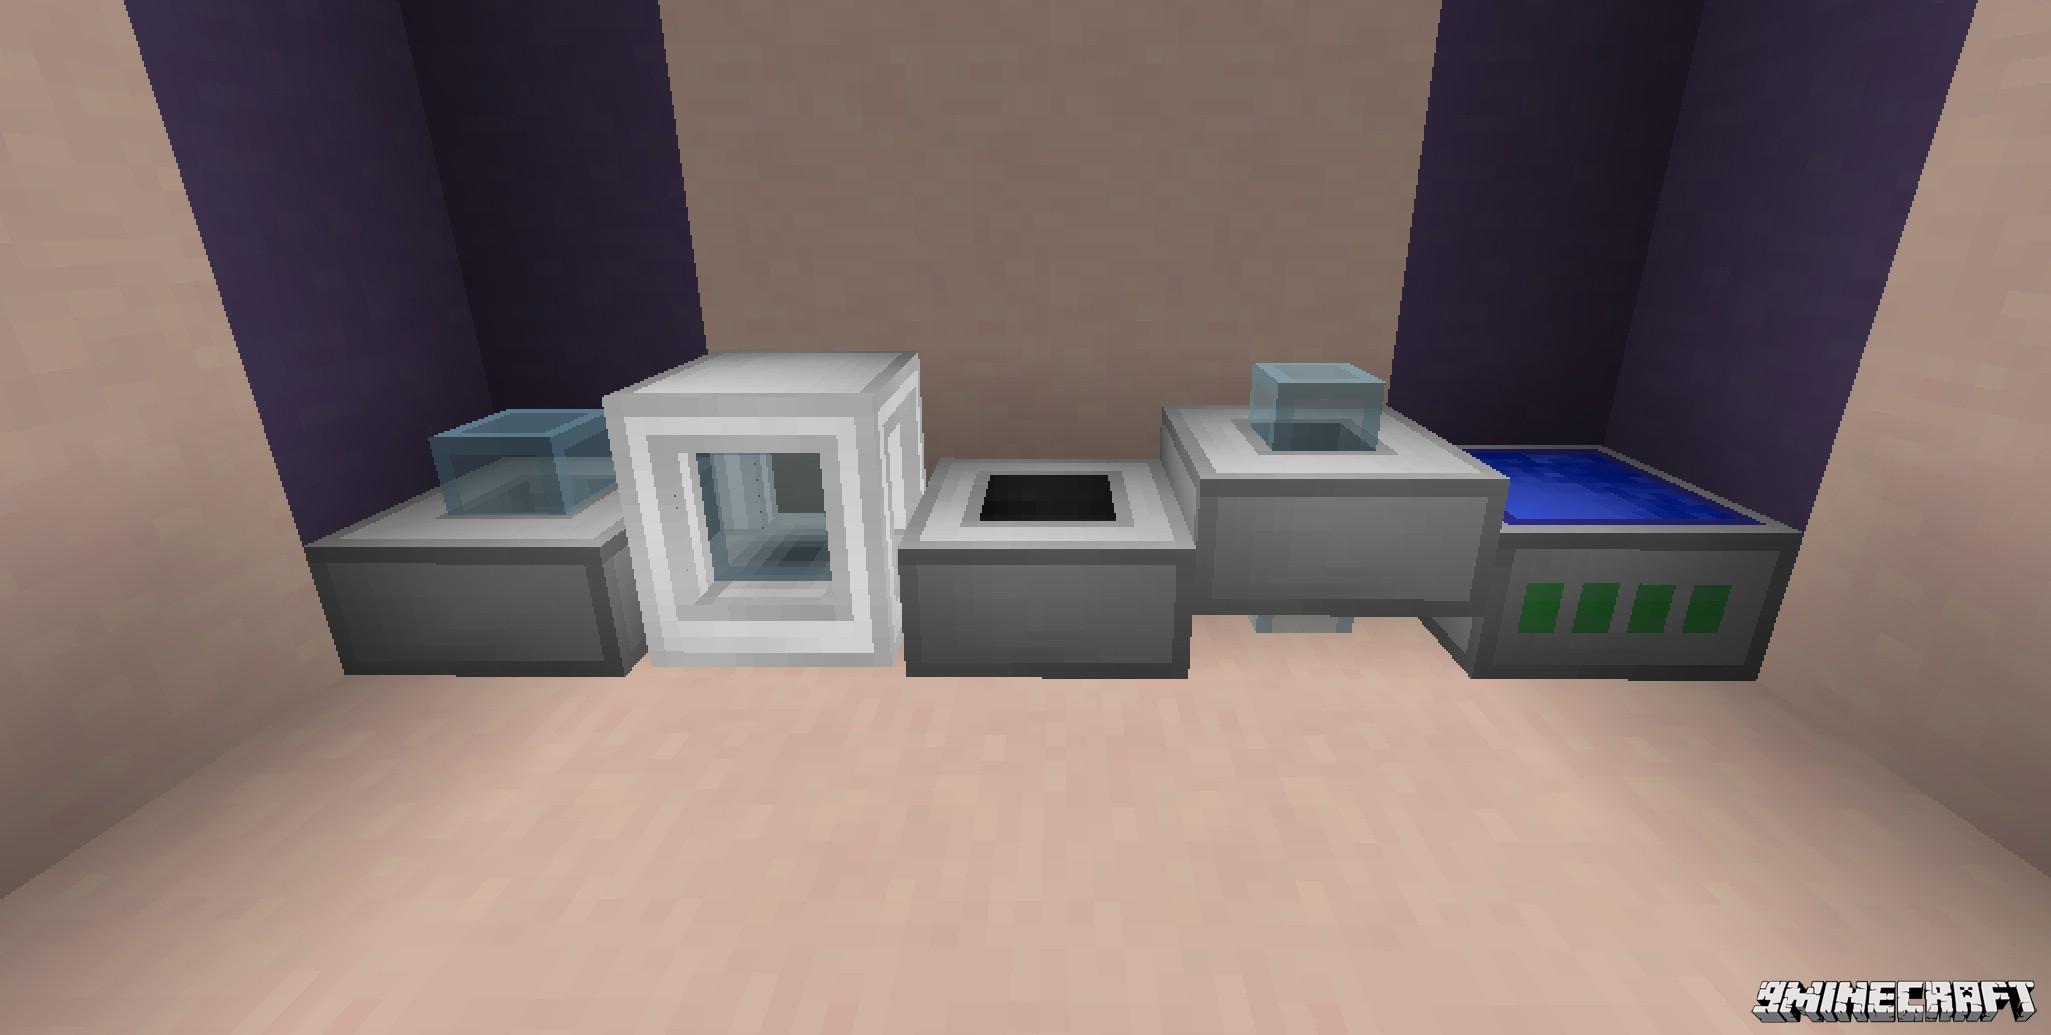 6843f  MobSplice Mod 1 MobSplice Screenshots